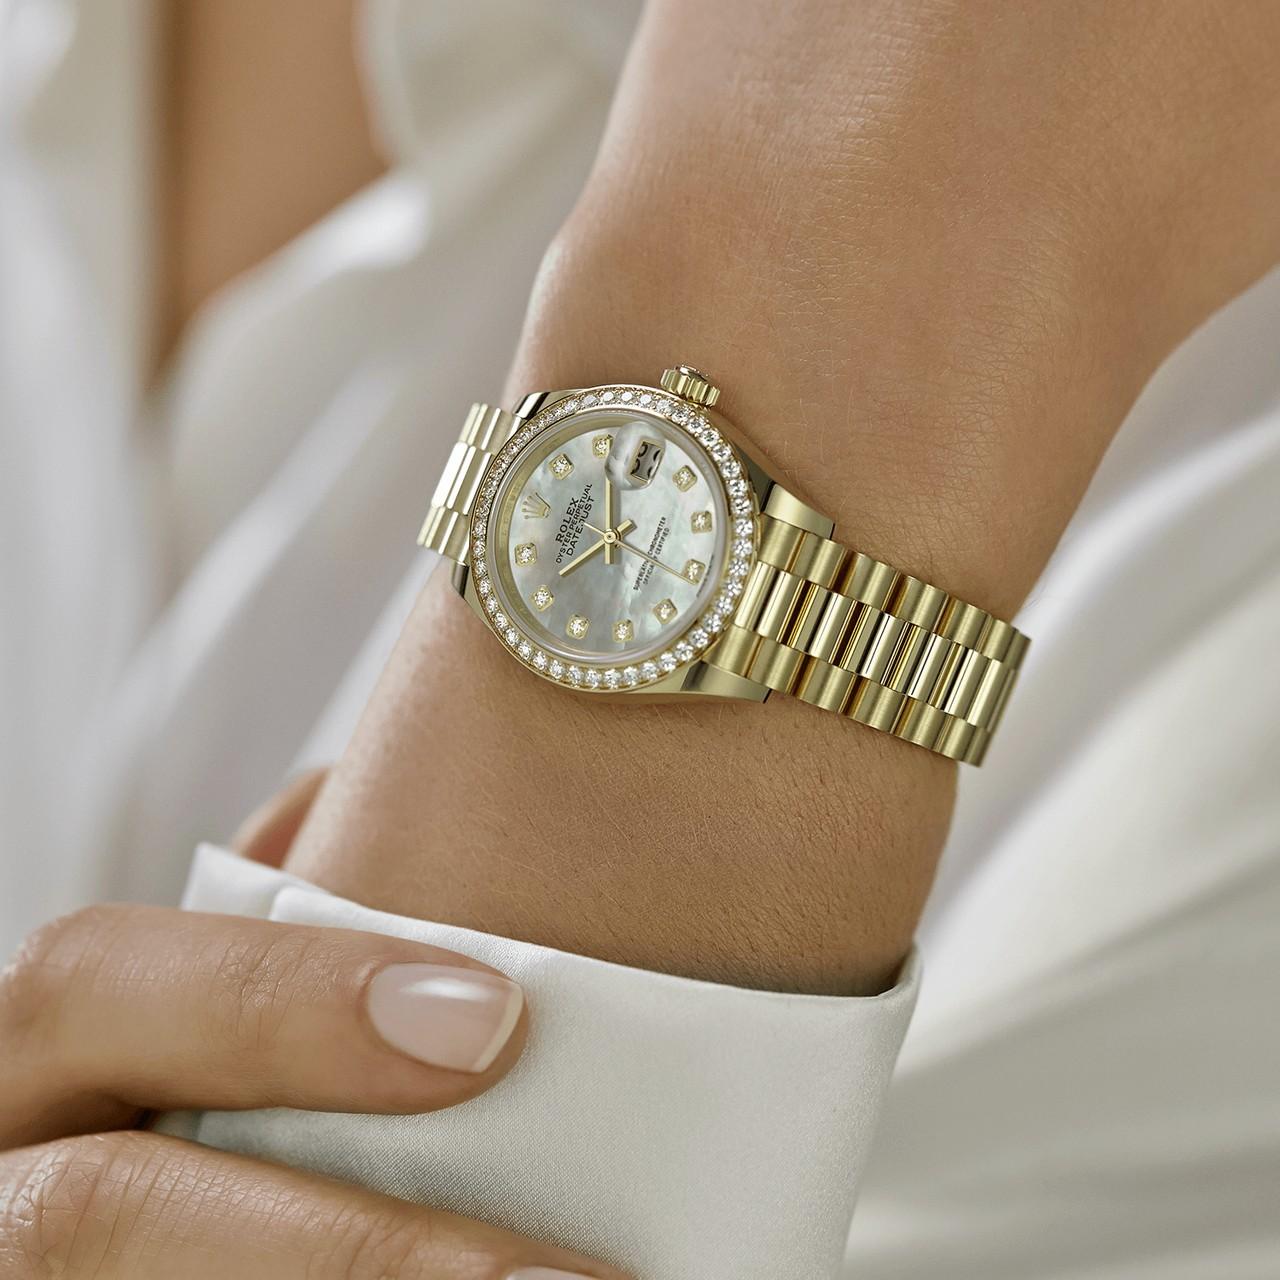 Rolex Watches #rolexdatejust